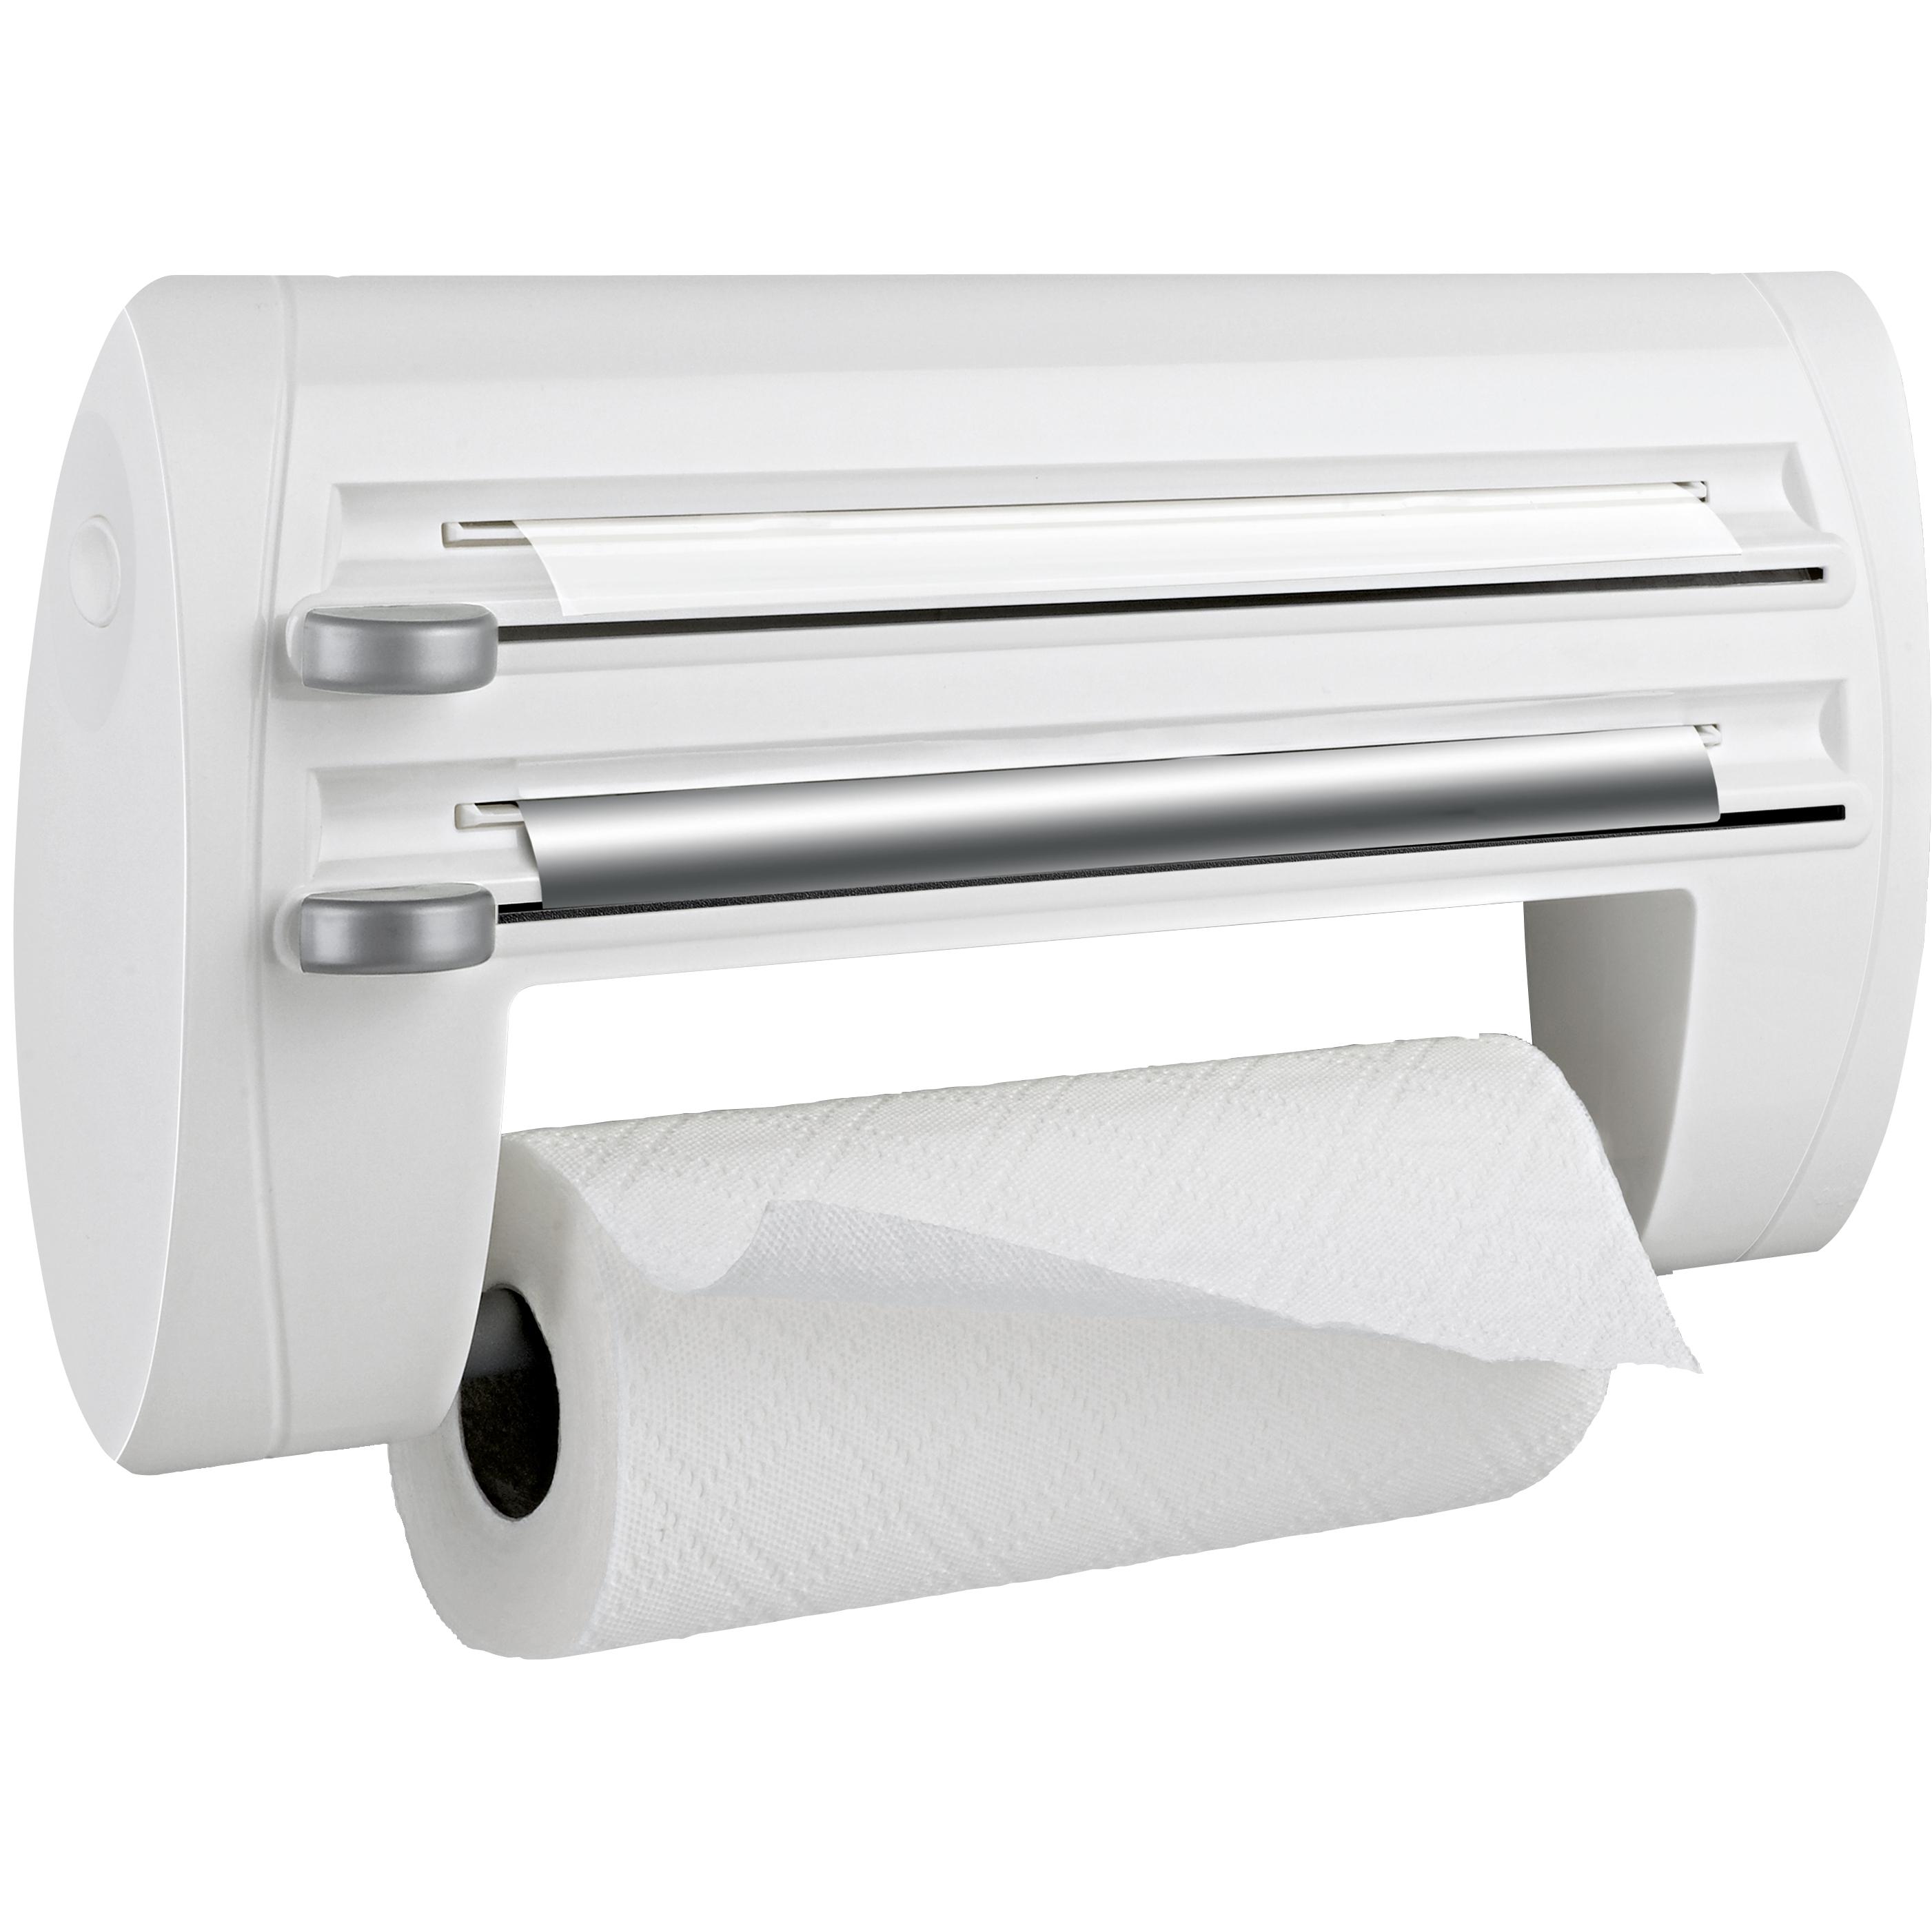 EMSA 500803 SUPERLINE 3-fach-Schneidabroller Weiß 40cm inkl. Alu-, Frischhaltefolie und Küchenrolle - auch für extra-breite Rollen